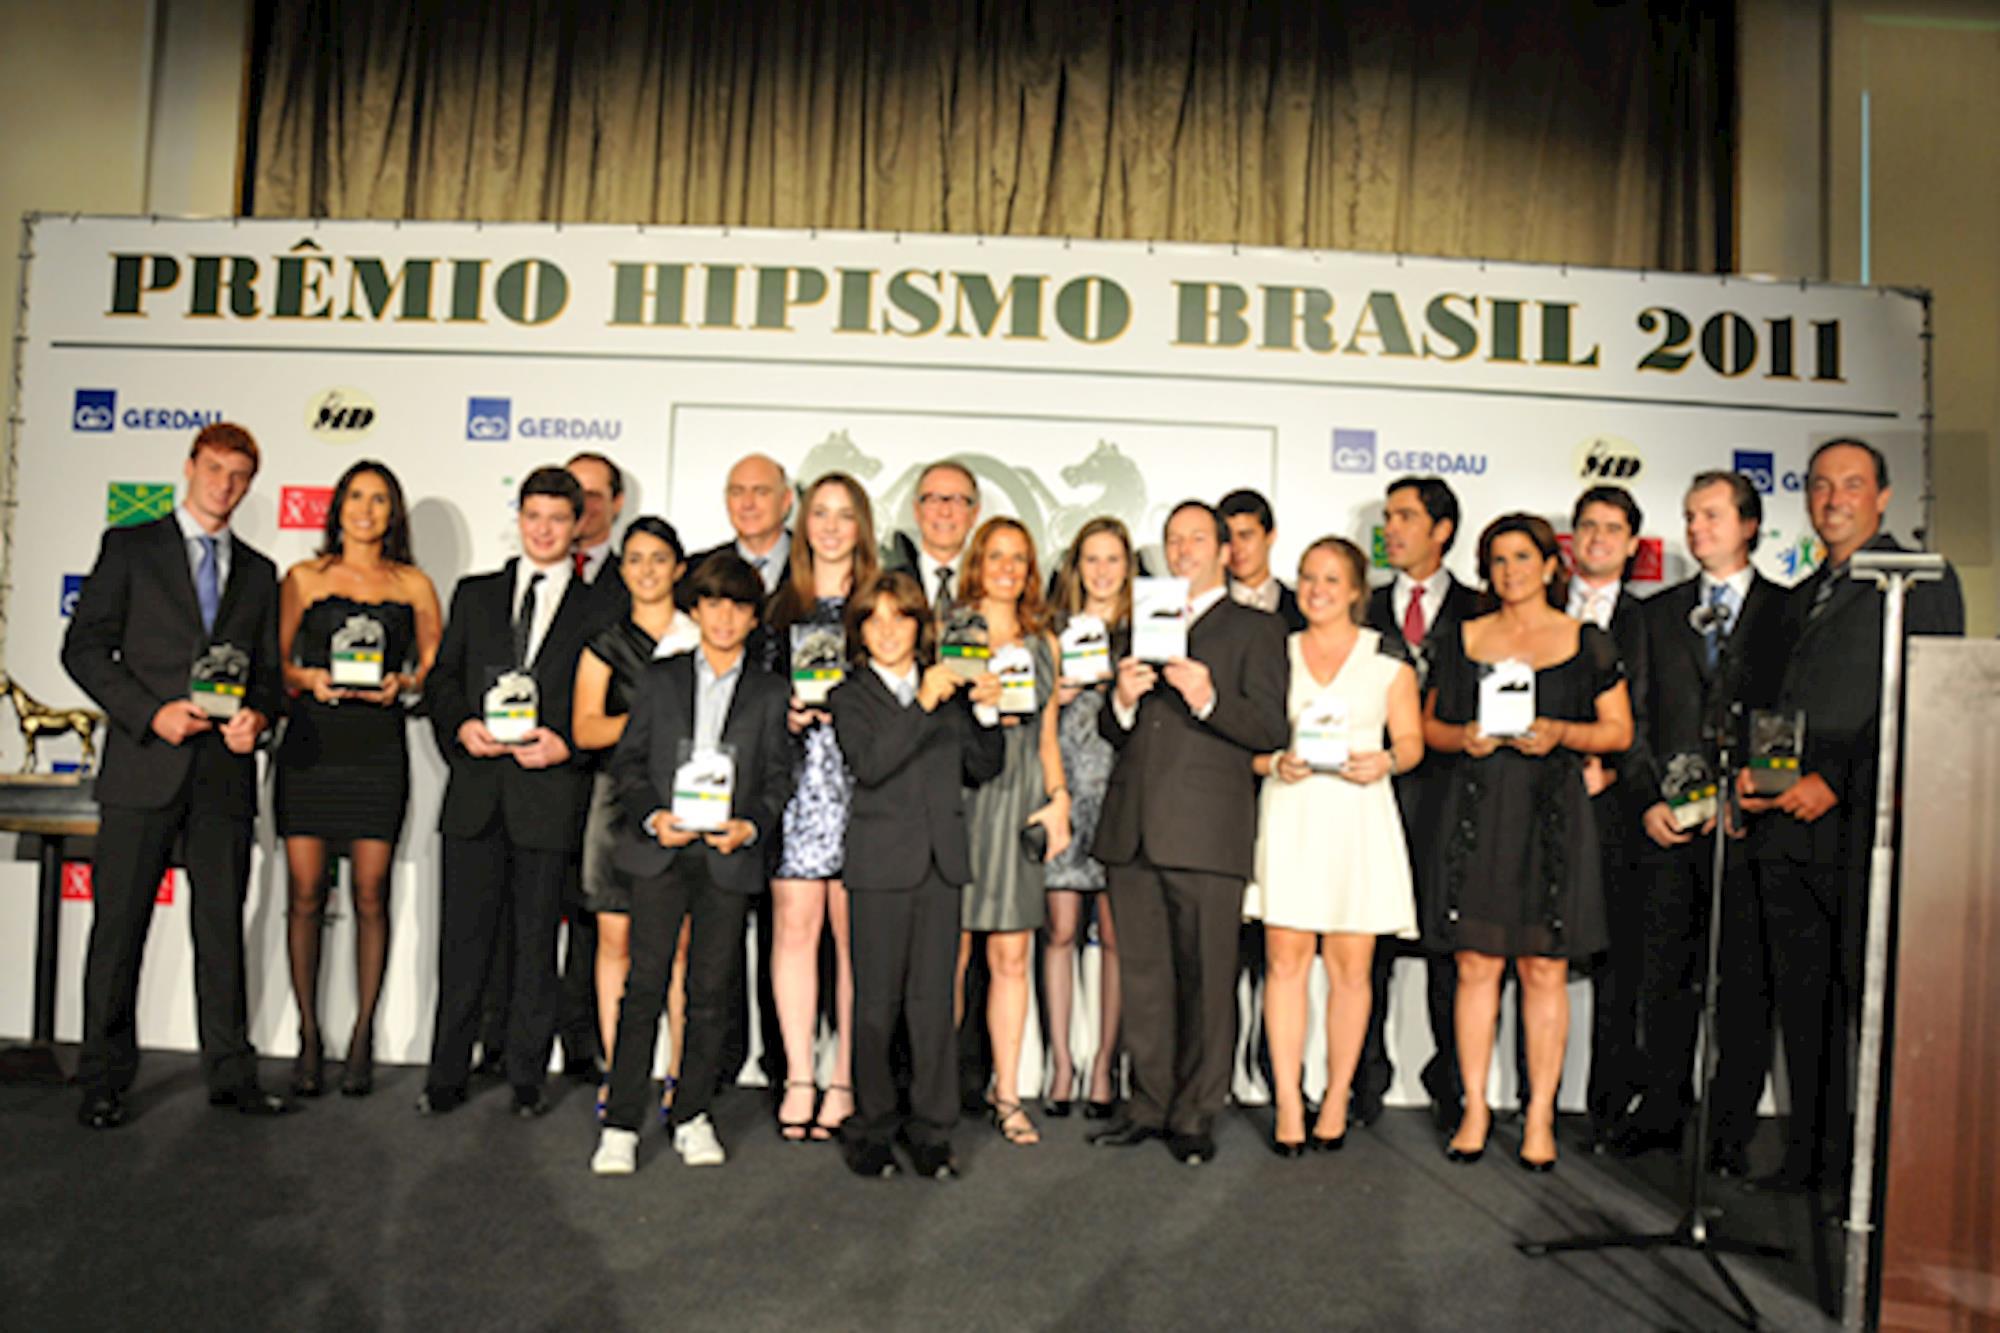 Prêmio Hipismo Brasil 2011